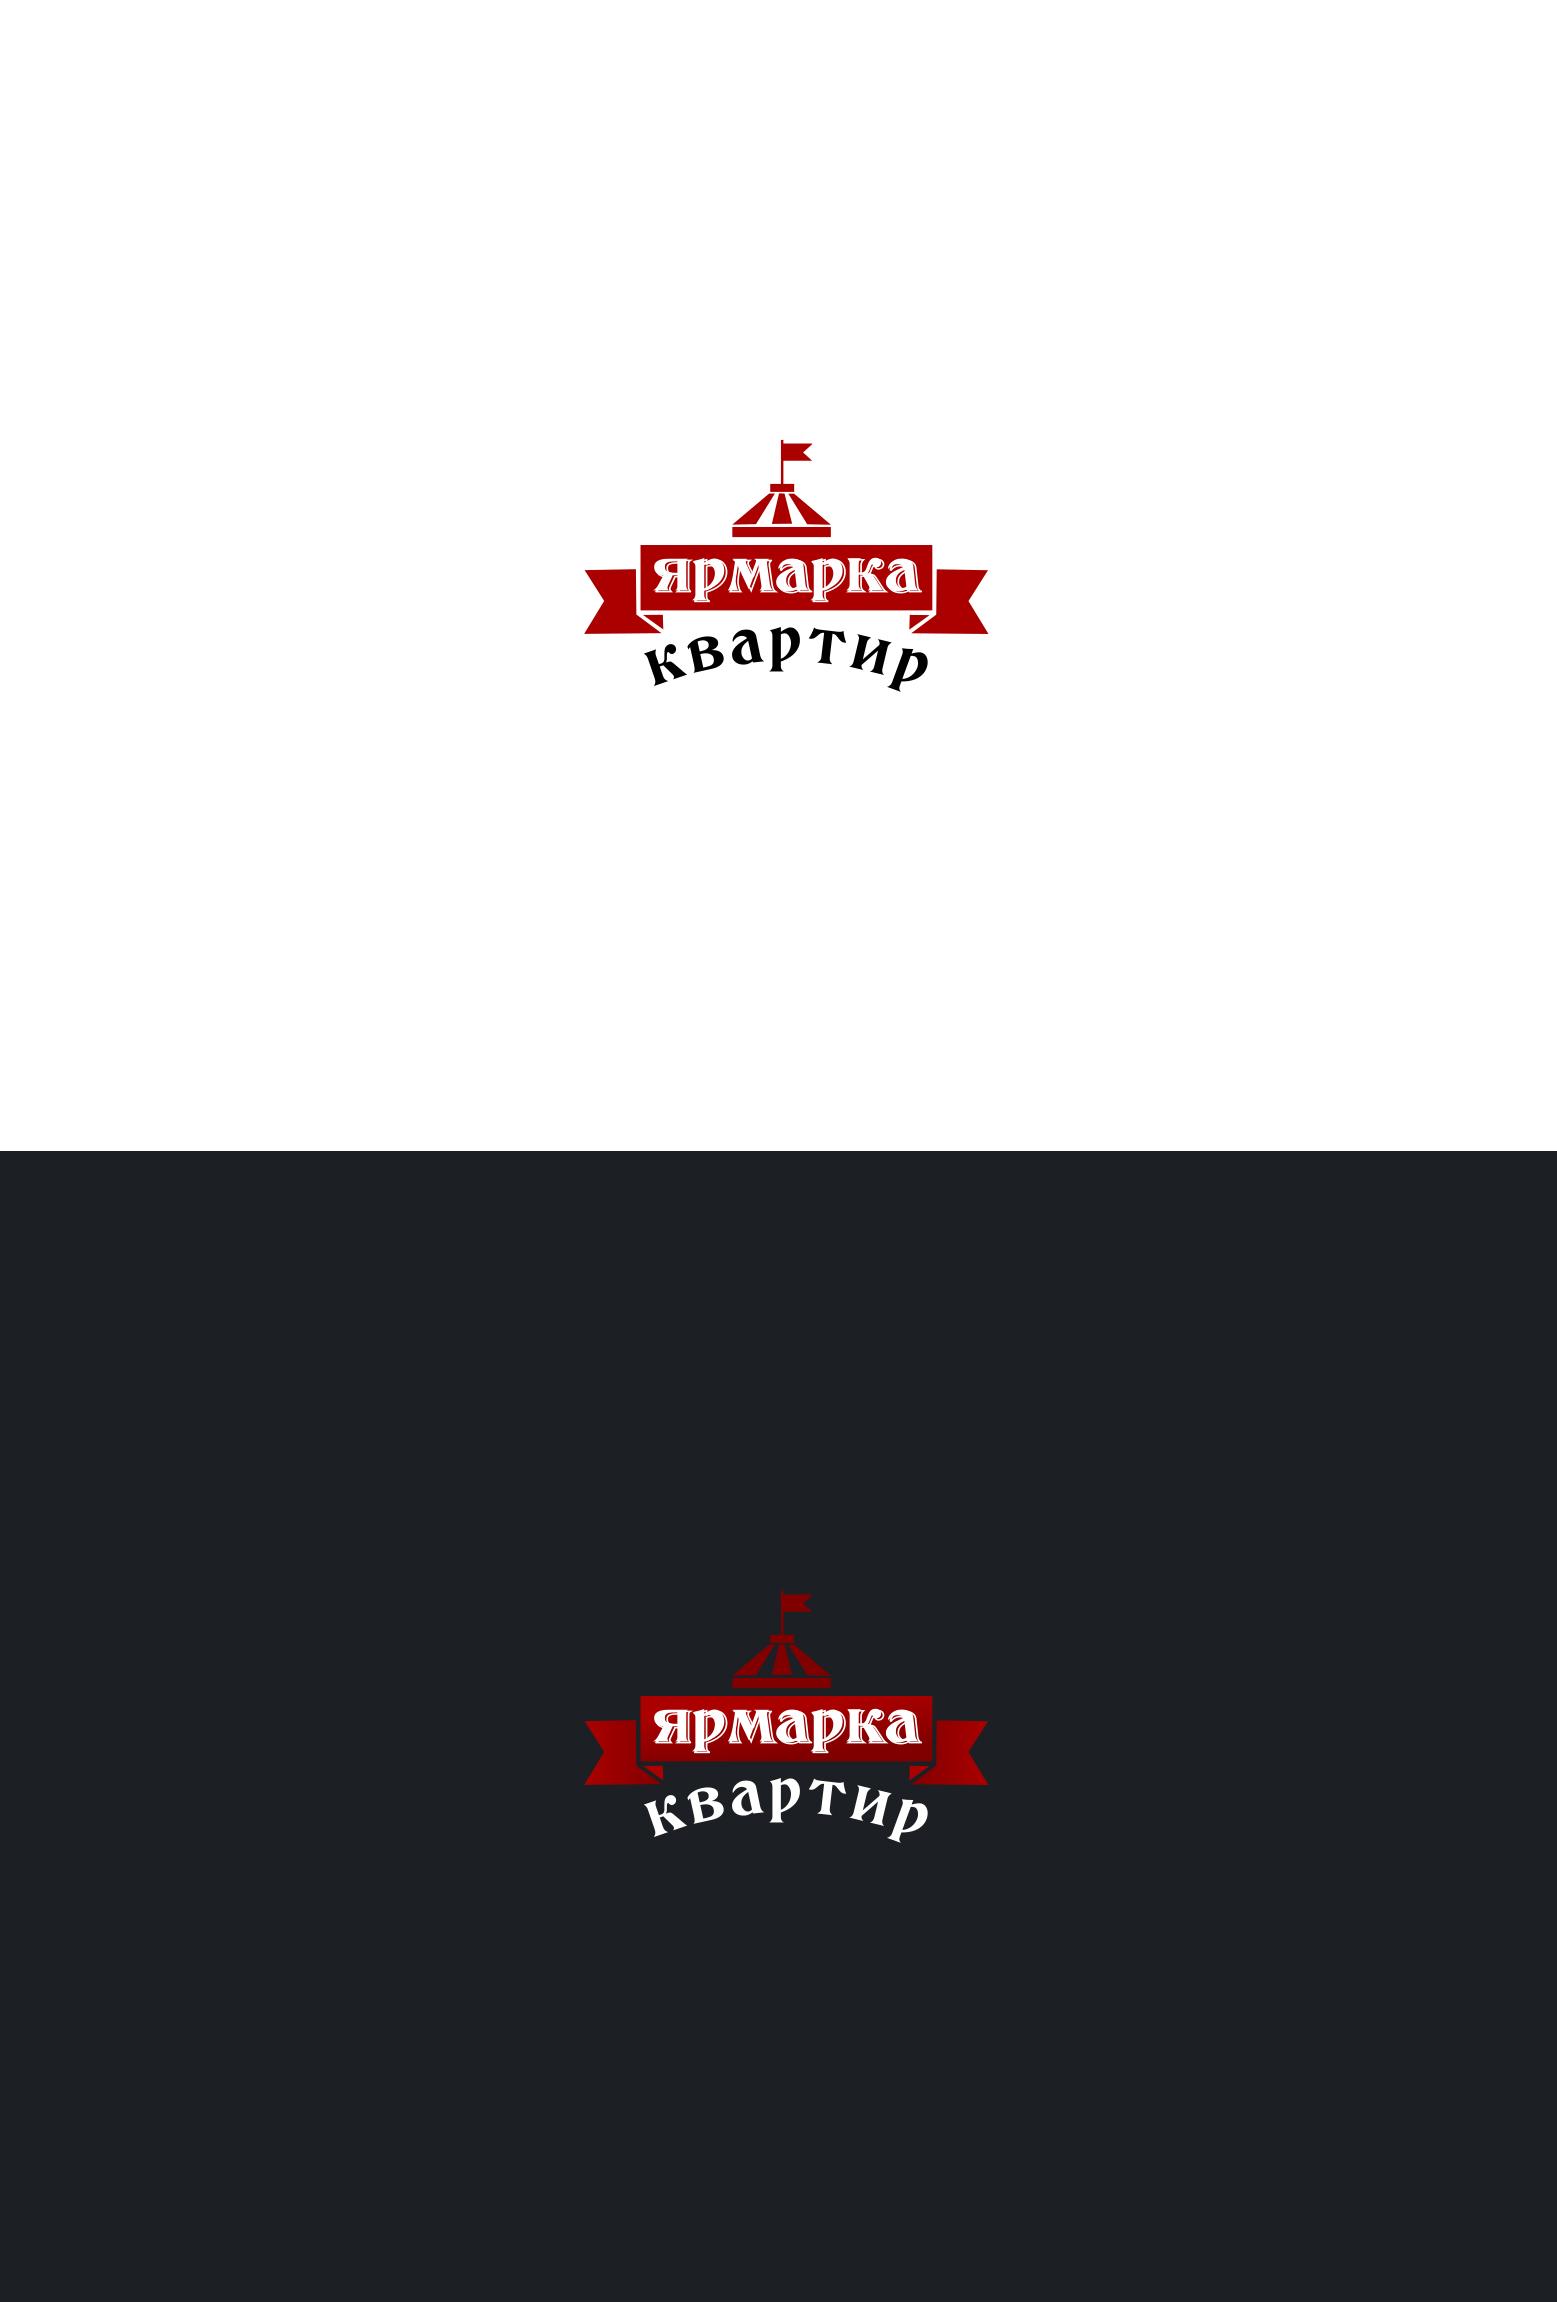 Создание логотипа, с вариантами для визитки и листовки фото f_21160046e713e07e.jpg